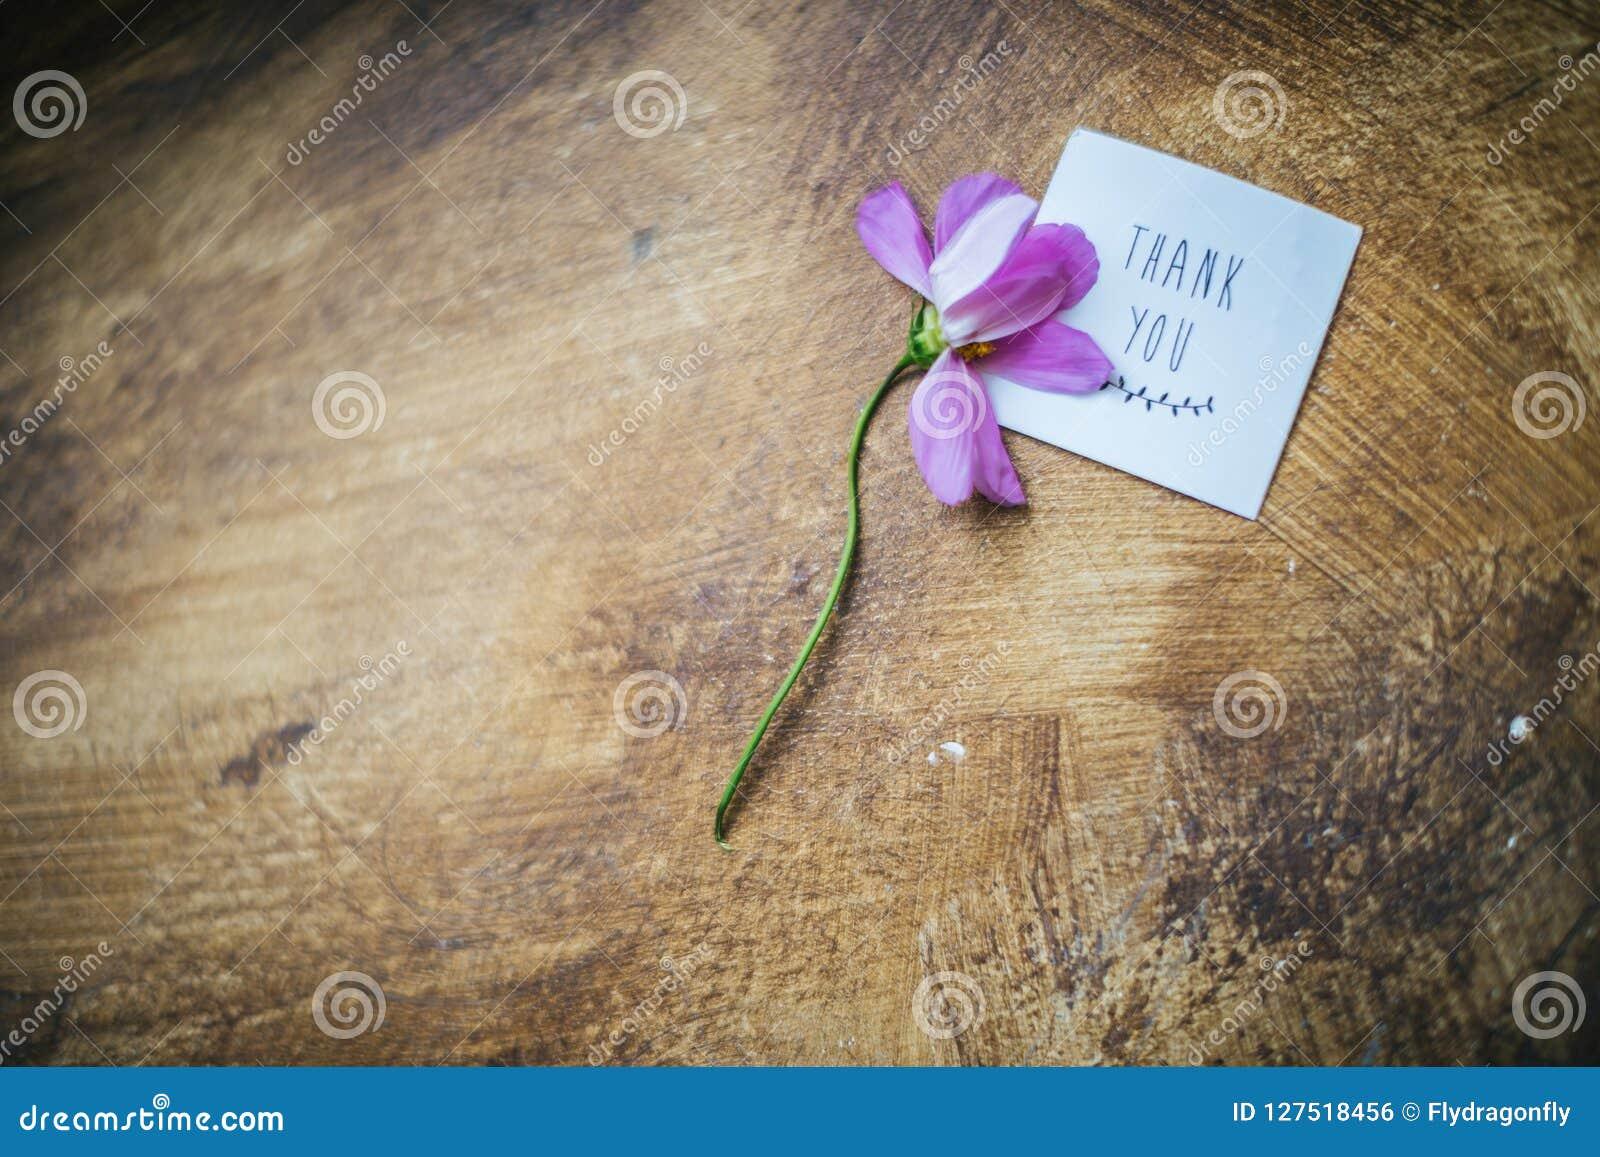 La Flor Y La Tarjeta Marchitadas Con Una Inscripción Le Agradecen En